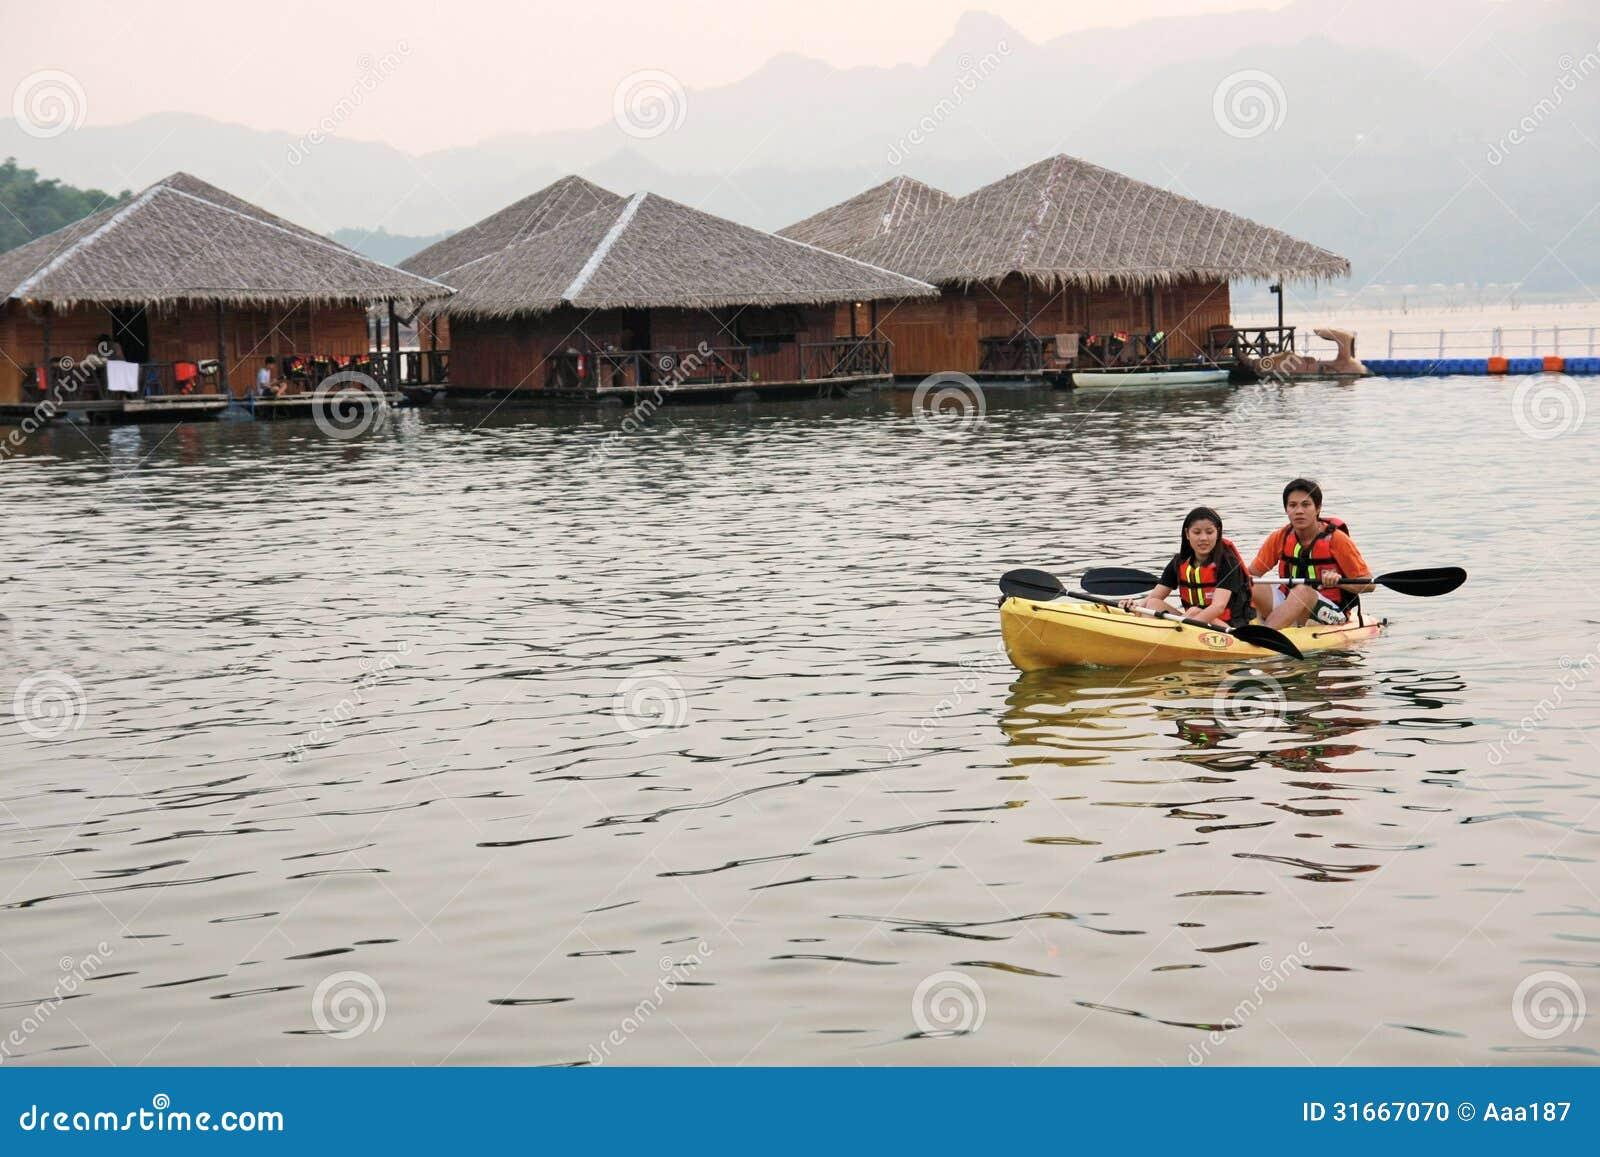 Activit de l 39 eau la r sidence de flottement de maison dans kanchanaburi la tha lande image - Activite a la maison ...